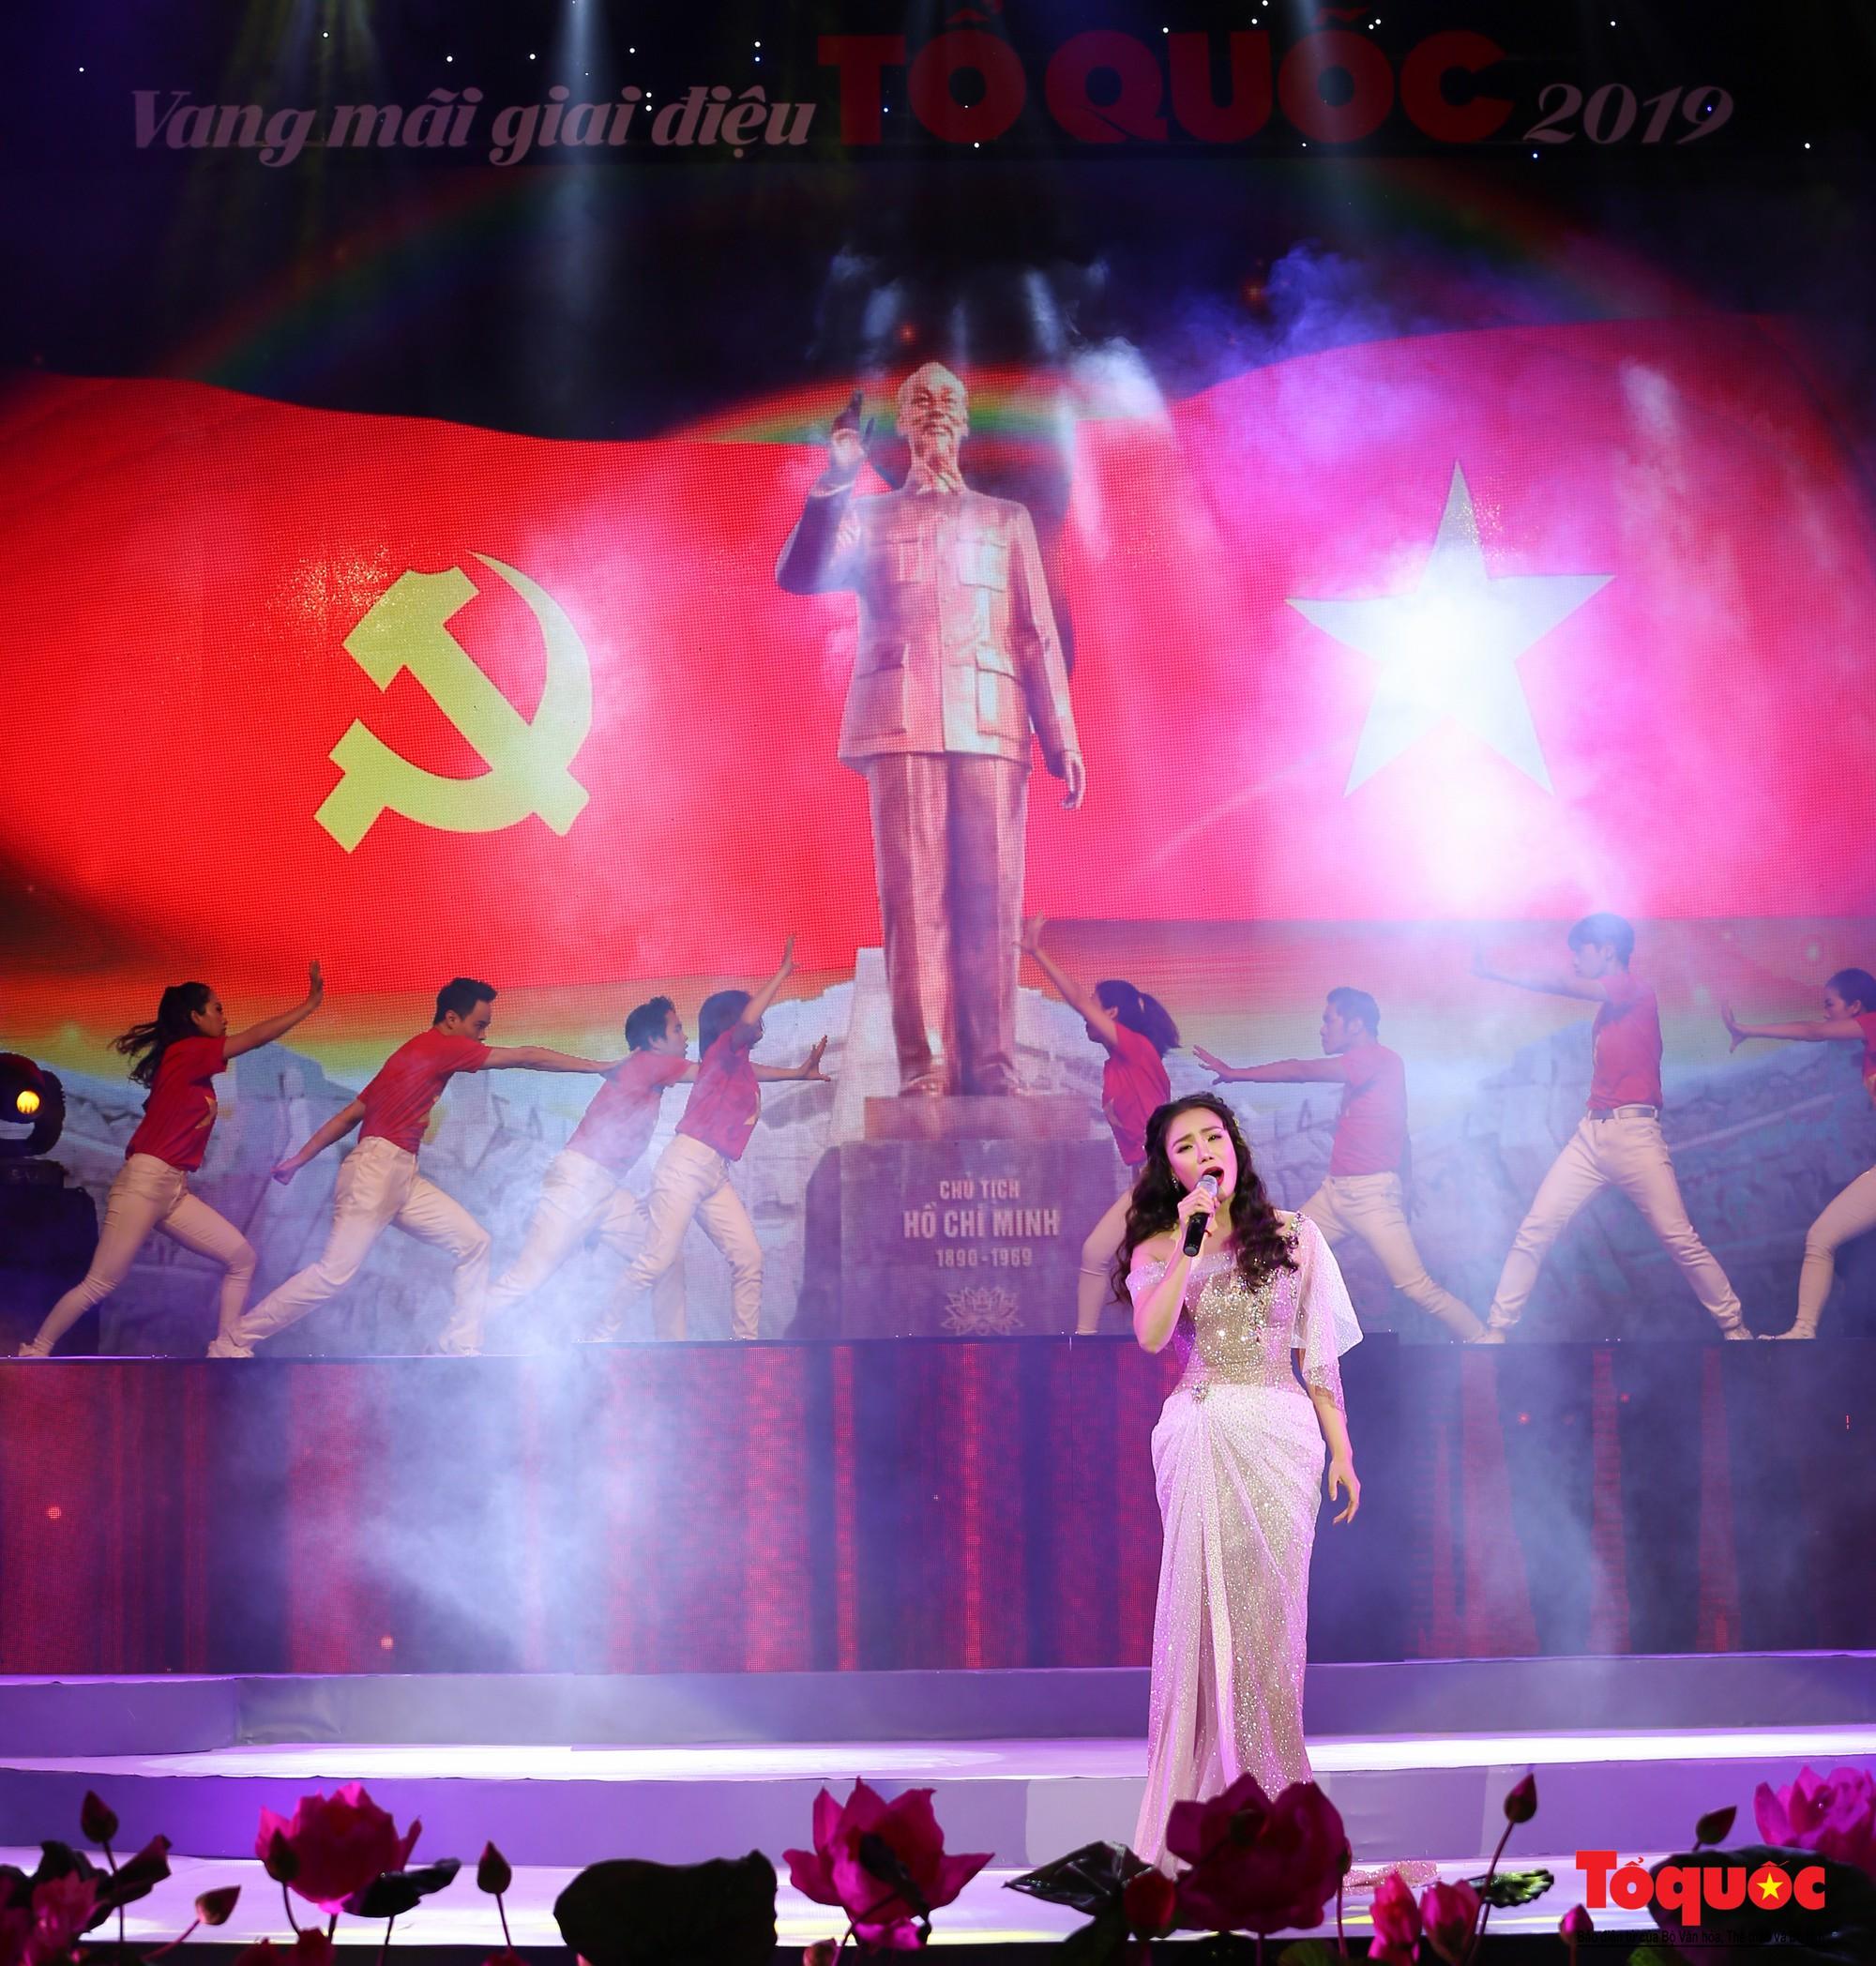 vang mai giai dieu to quoc 2019 (95)